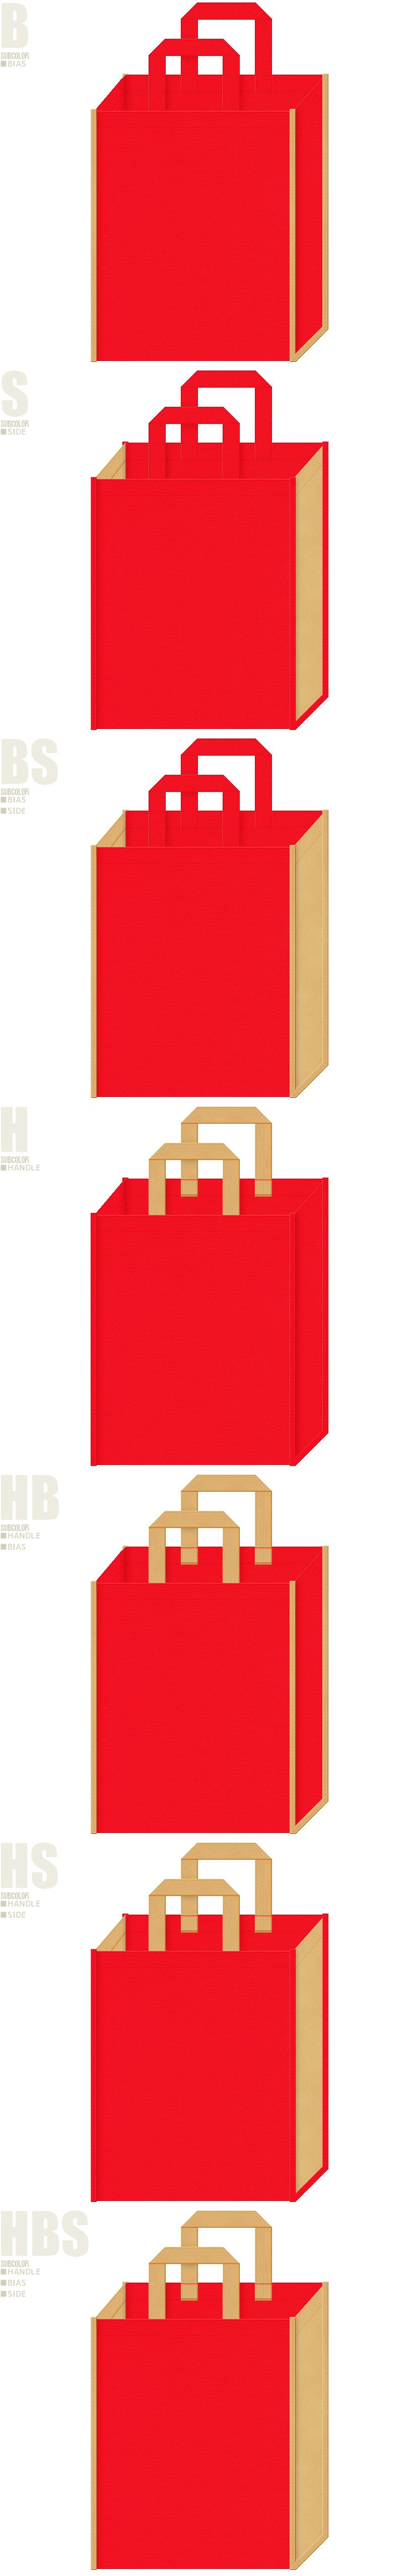 赤鬼・むかし話・絵本・節分・豆まき・一合枡・和風催事にお奨めの不織布バッグデザイン:赤色と薄黄土色の配色7パターン